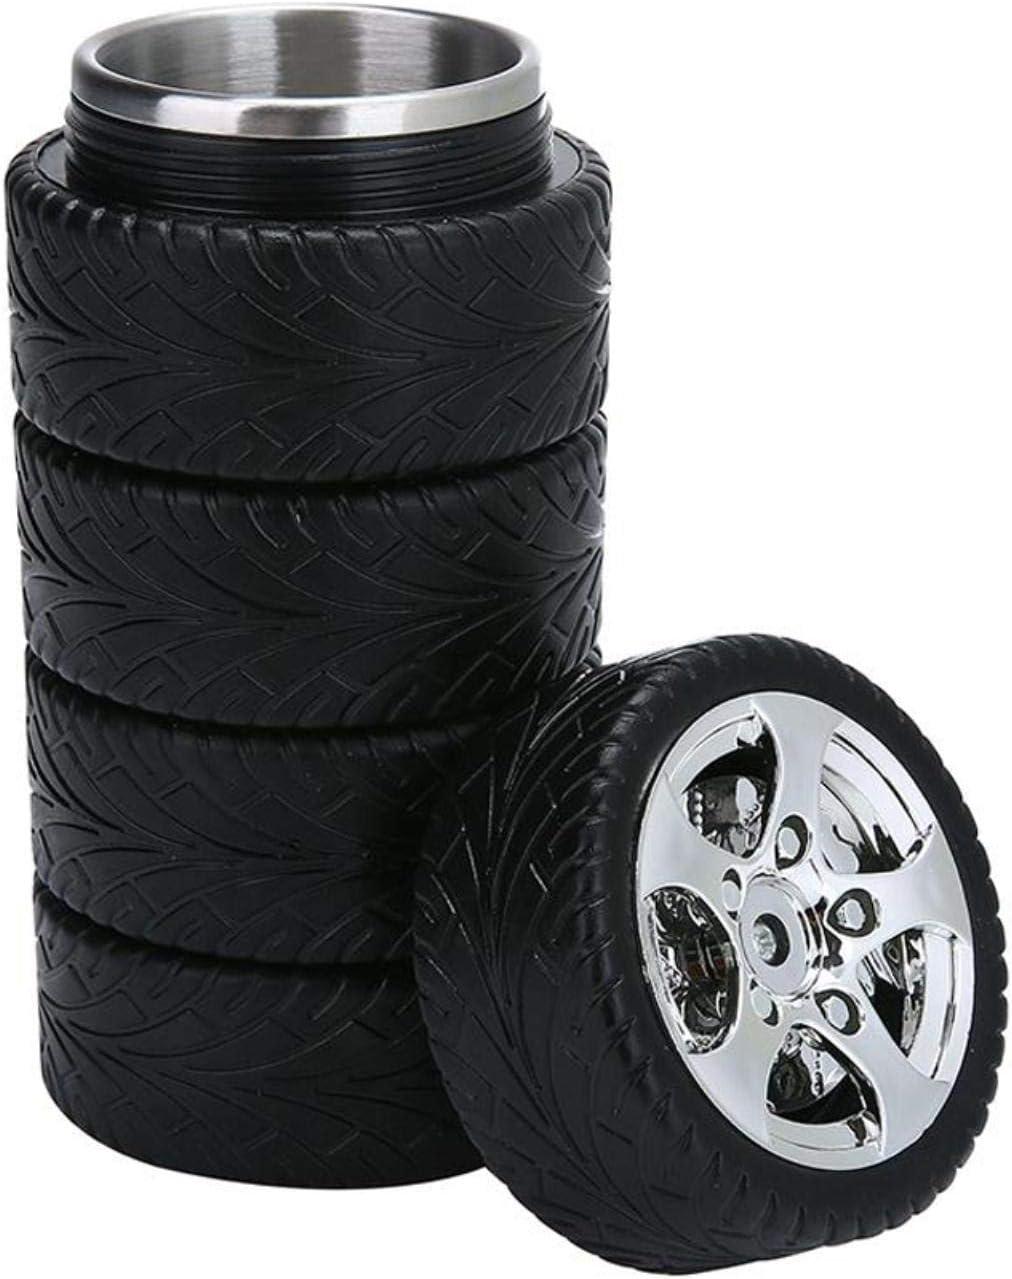 XMYNB Tazas térmicas Taza De Acero Inoxidable Taza De Acero Inoxidable Taza Neumático Taza De Neumático Neumático De Neumático Taza De Neumático,Una